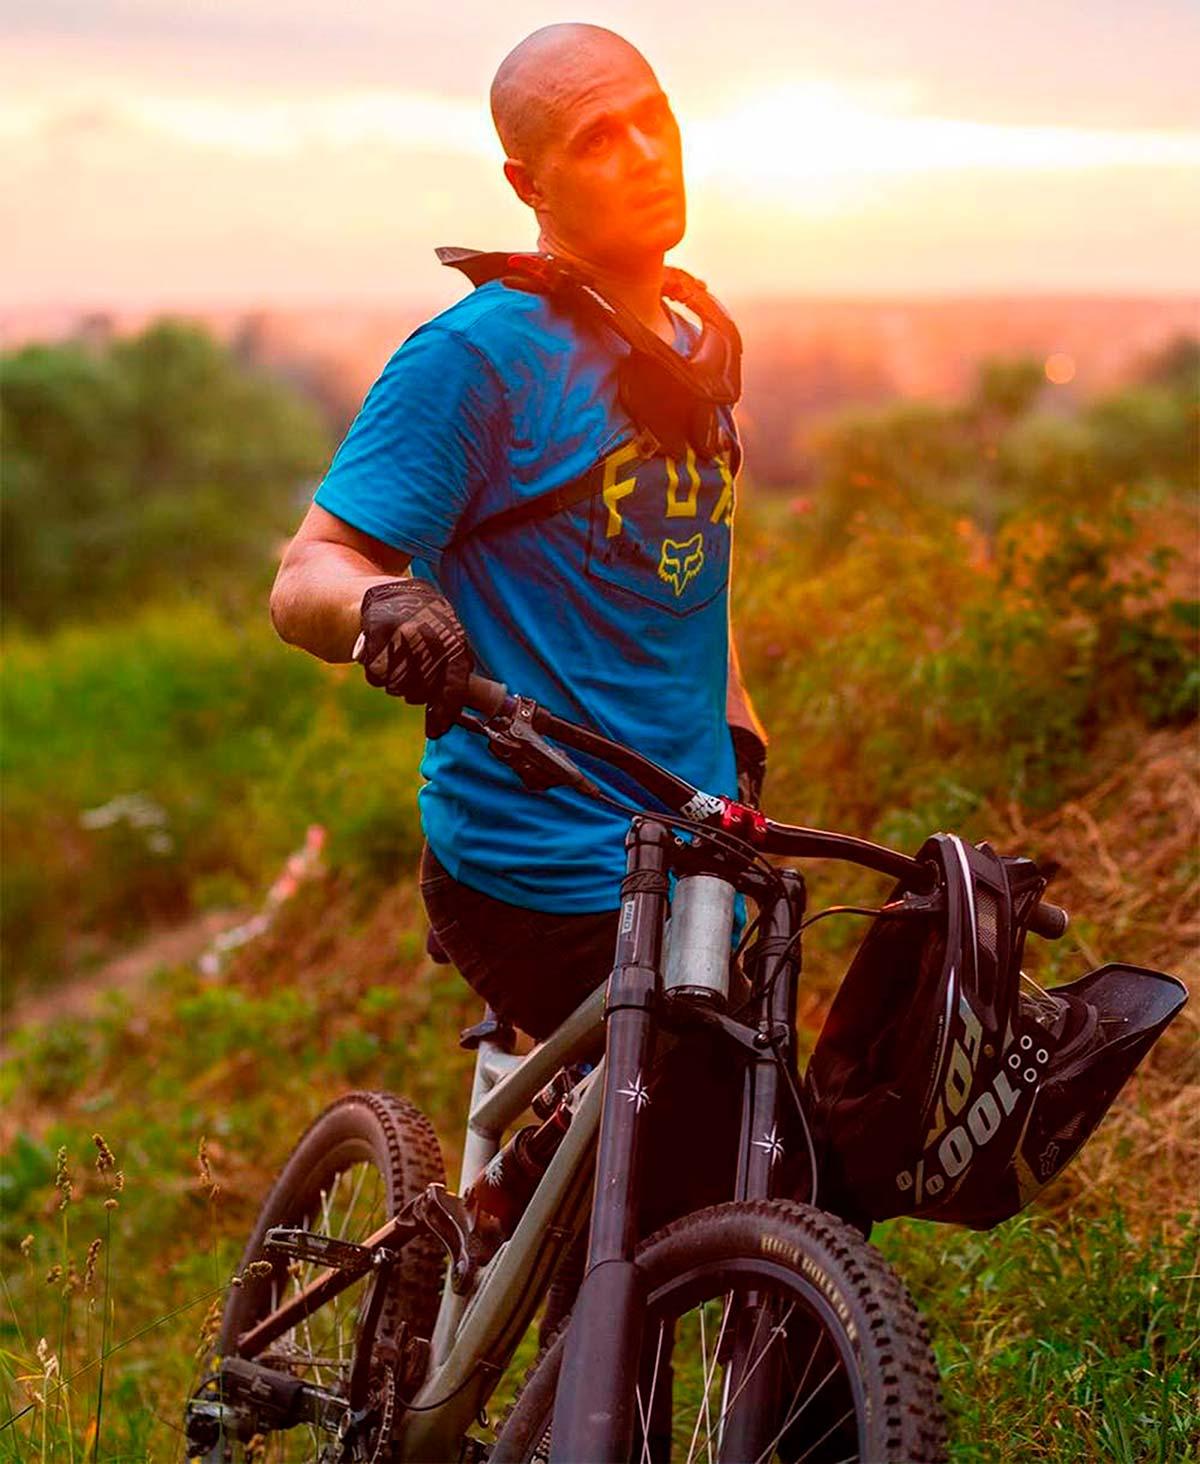 Así fue la caída que dejó en coma al 'biker' ruso Kirill Berendoni